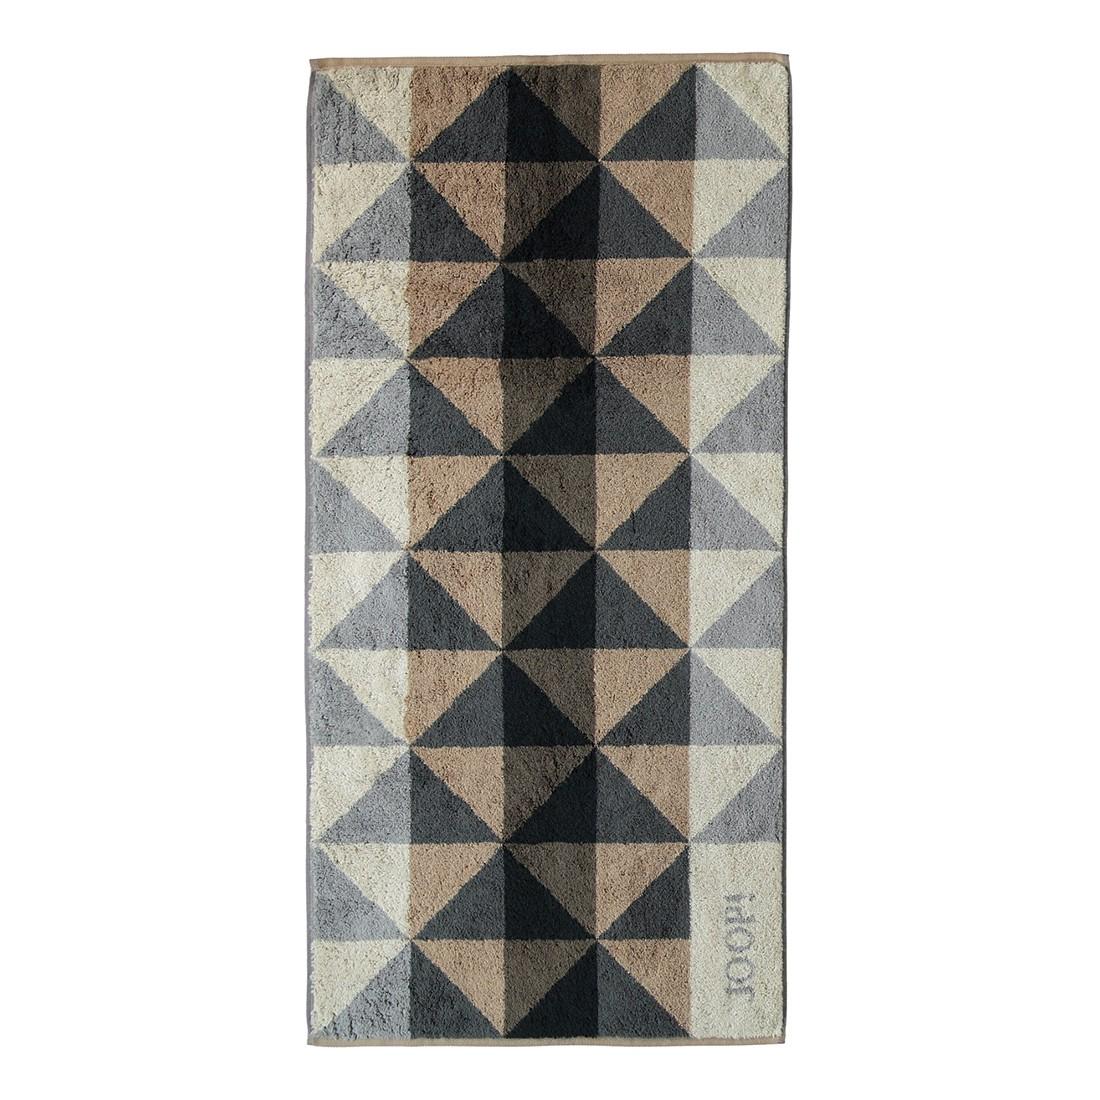 Handtücher Graphic Diamonds 1637 – Baumwolle – Piment – Handtuch 50×100 cm, Joop online bestellen